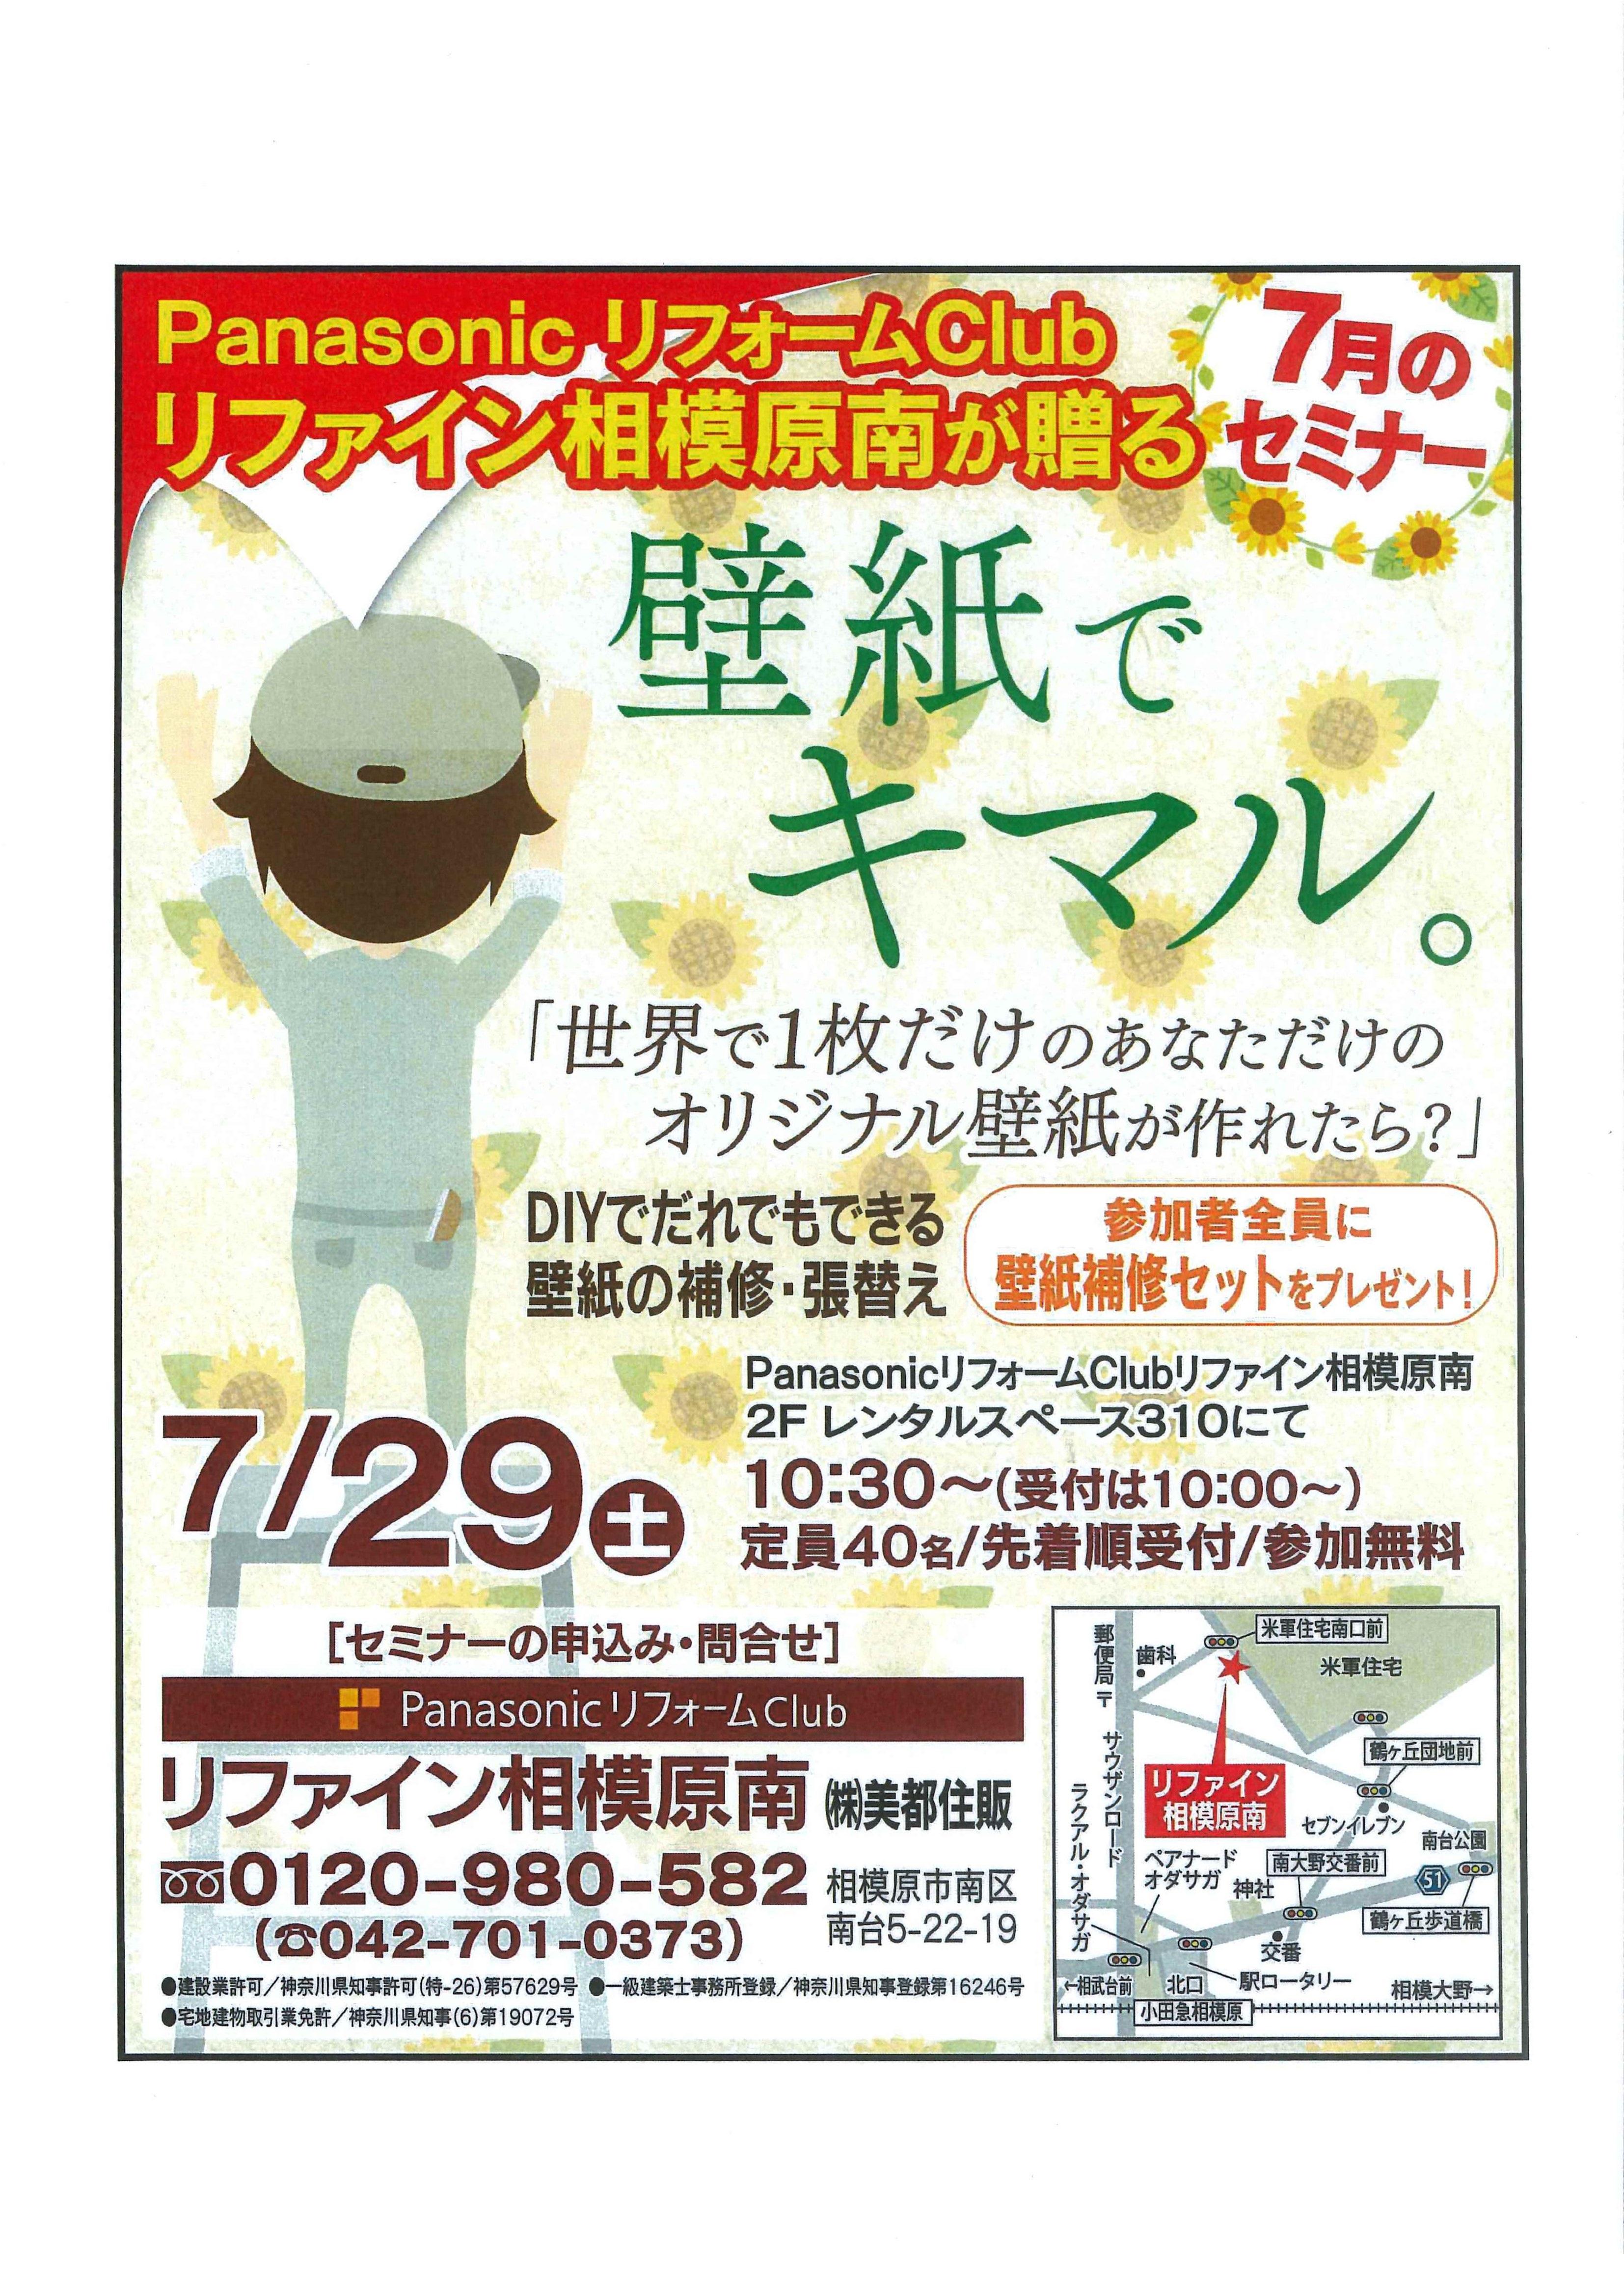 壁紙でキマル 神奈川県相模原市のパナソニックリフォームクラブ 美